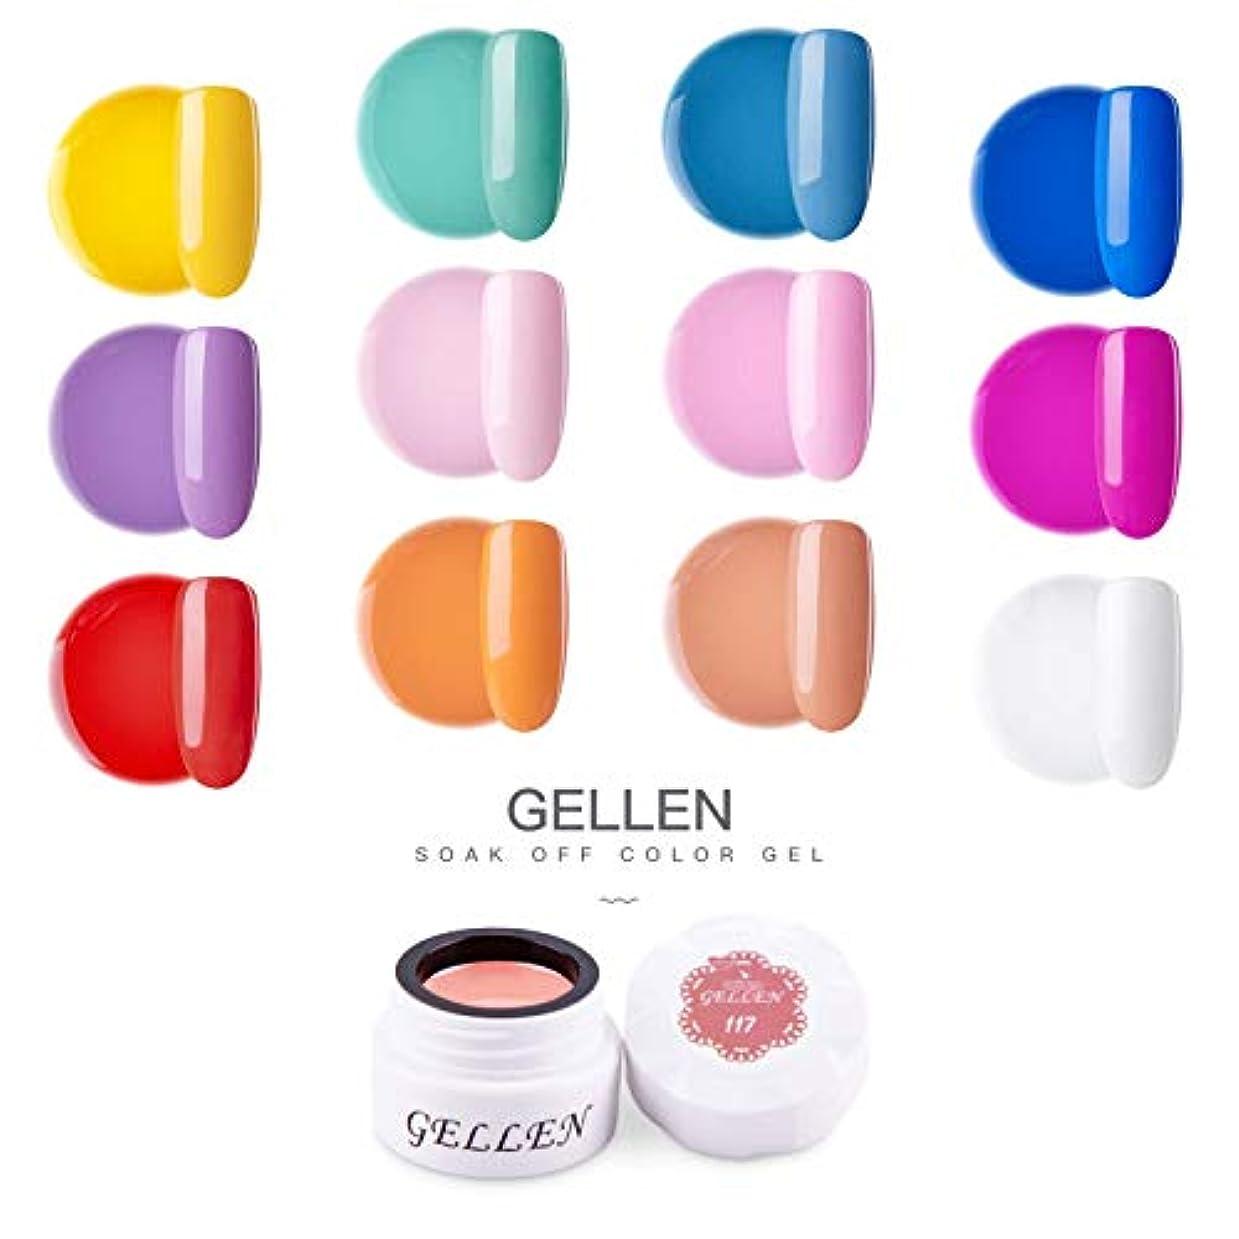 シビック性的結び目Gellen カラージェル 12色 セット[ポップカラー シリーズ]高品質 5g ジェルネイル カラー ネイルブラシ付き